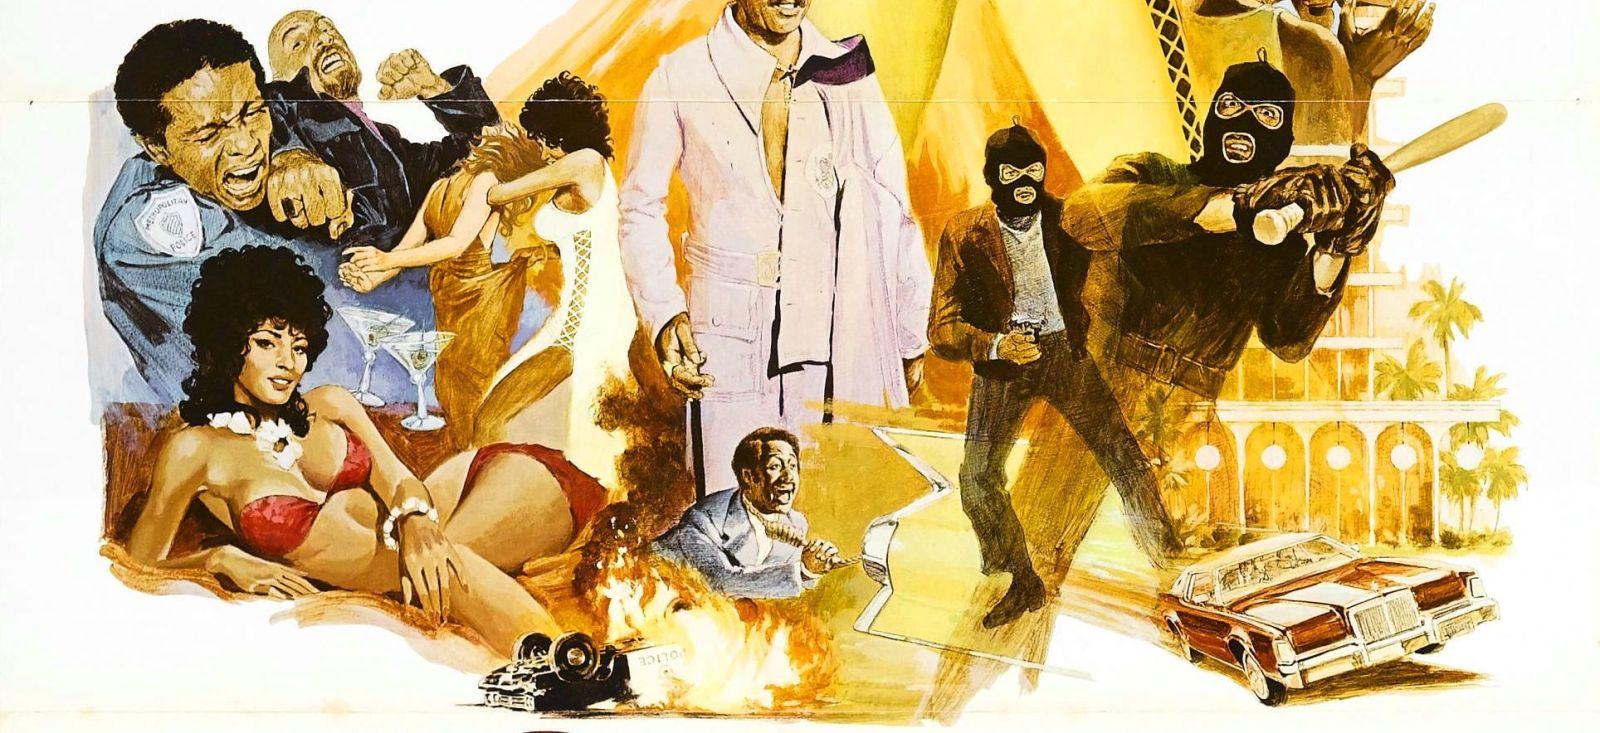 8. Coffy (1973)